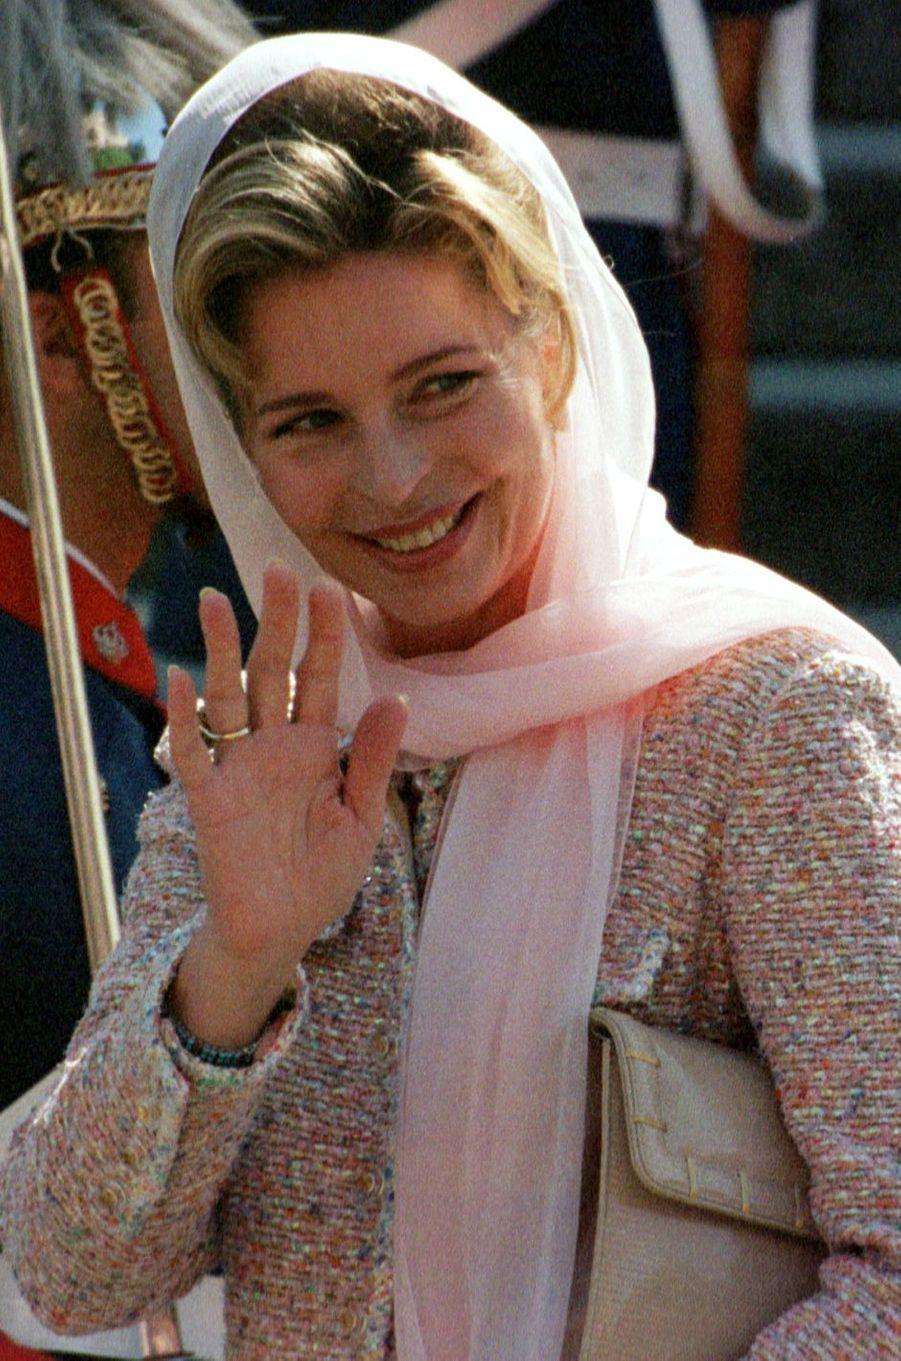 La reine Noor de Jordanie au mariage de l'infante Cristina d'Espagne et de Inaki Urdangarin, à Barcelone le 4 octobre 1997